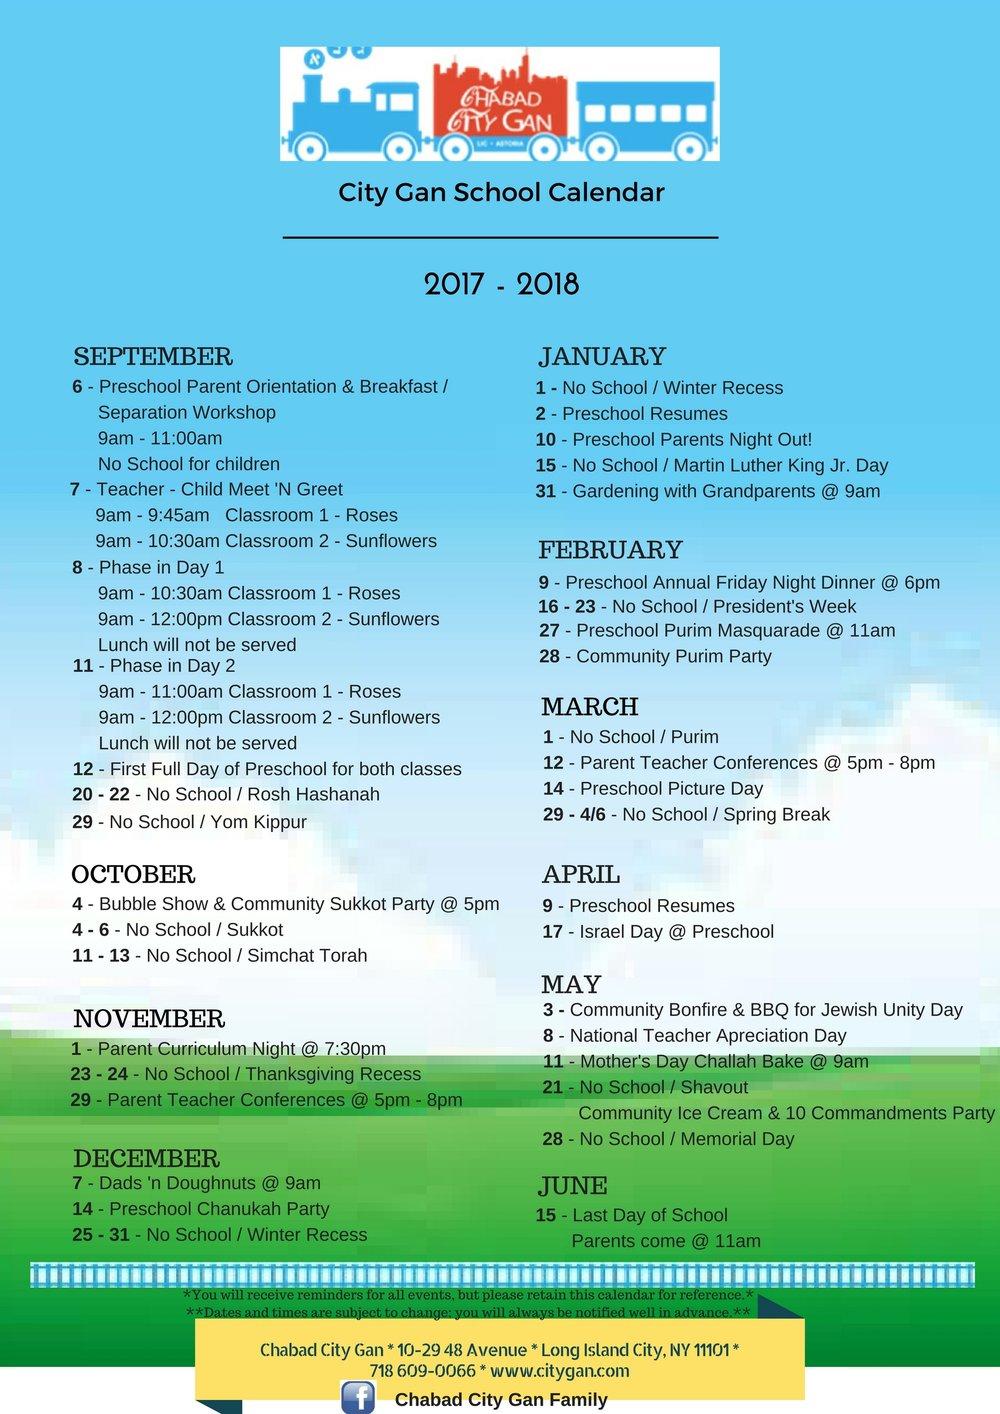 City Gan Preschool Calendar '17 - '18.jpg